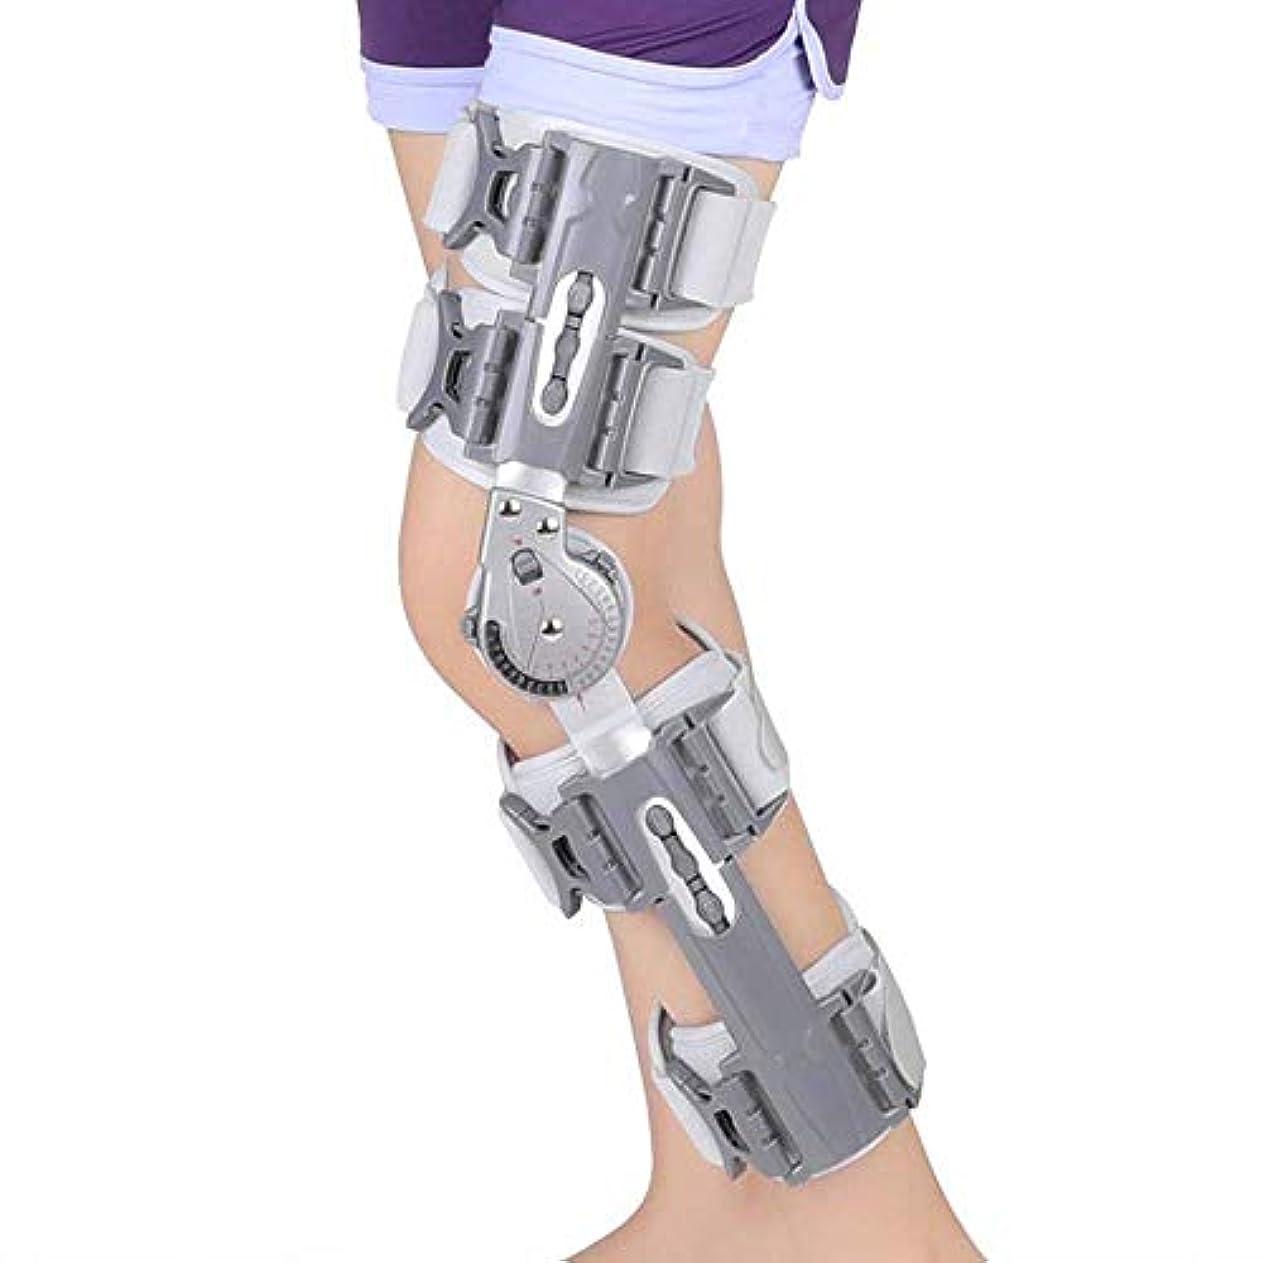 ROM膝ブレース、ストラップ、調節可能な脚スタビライザー、術後回復、固定化スプリント、ACL/靭帯/スポーツ傷害に最適